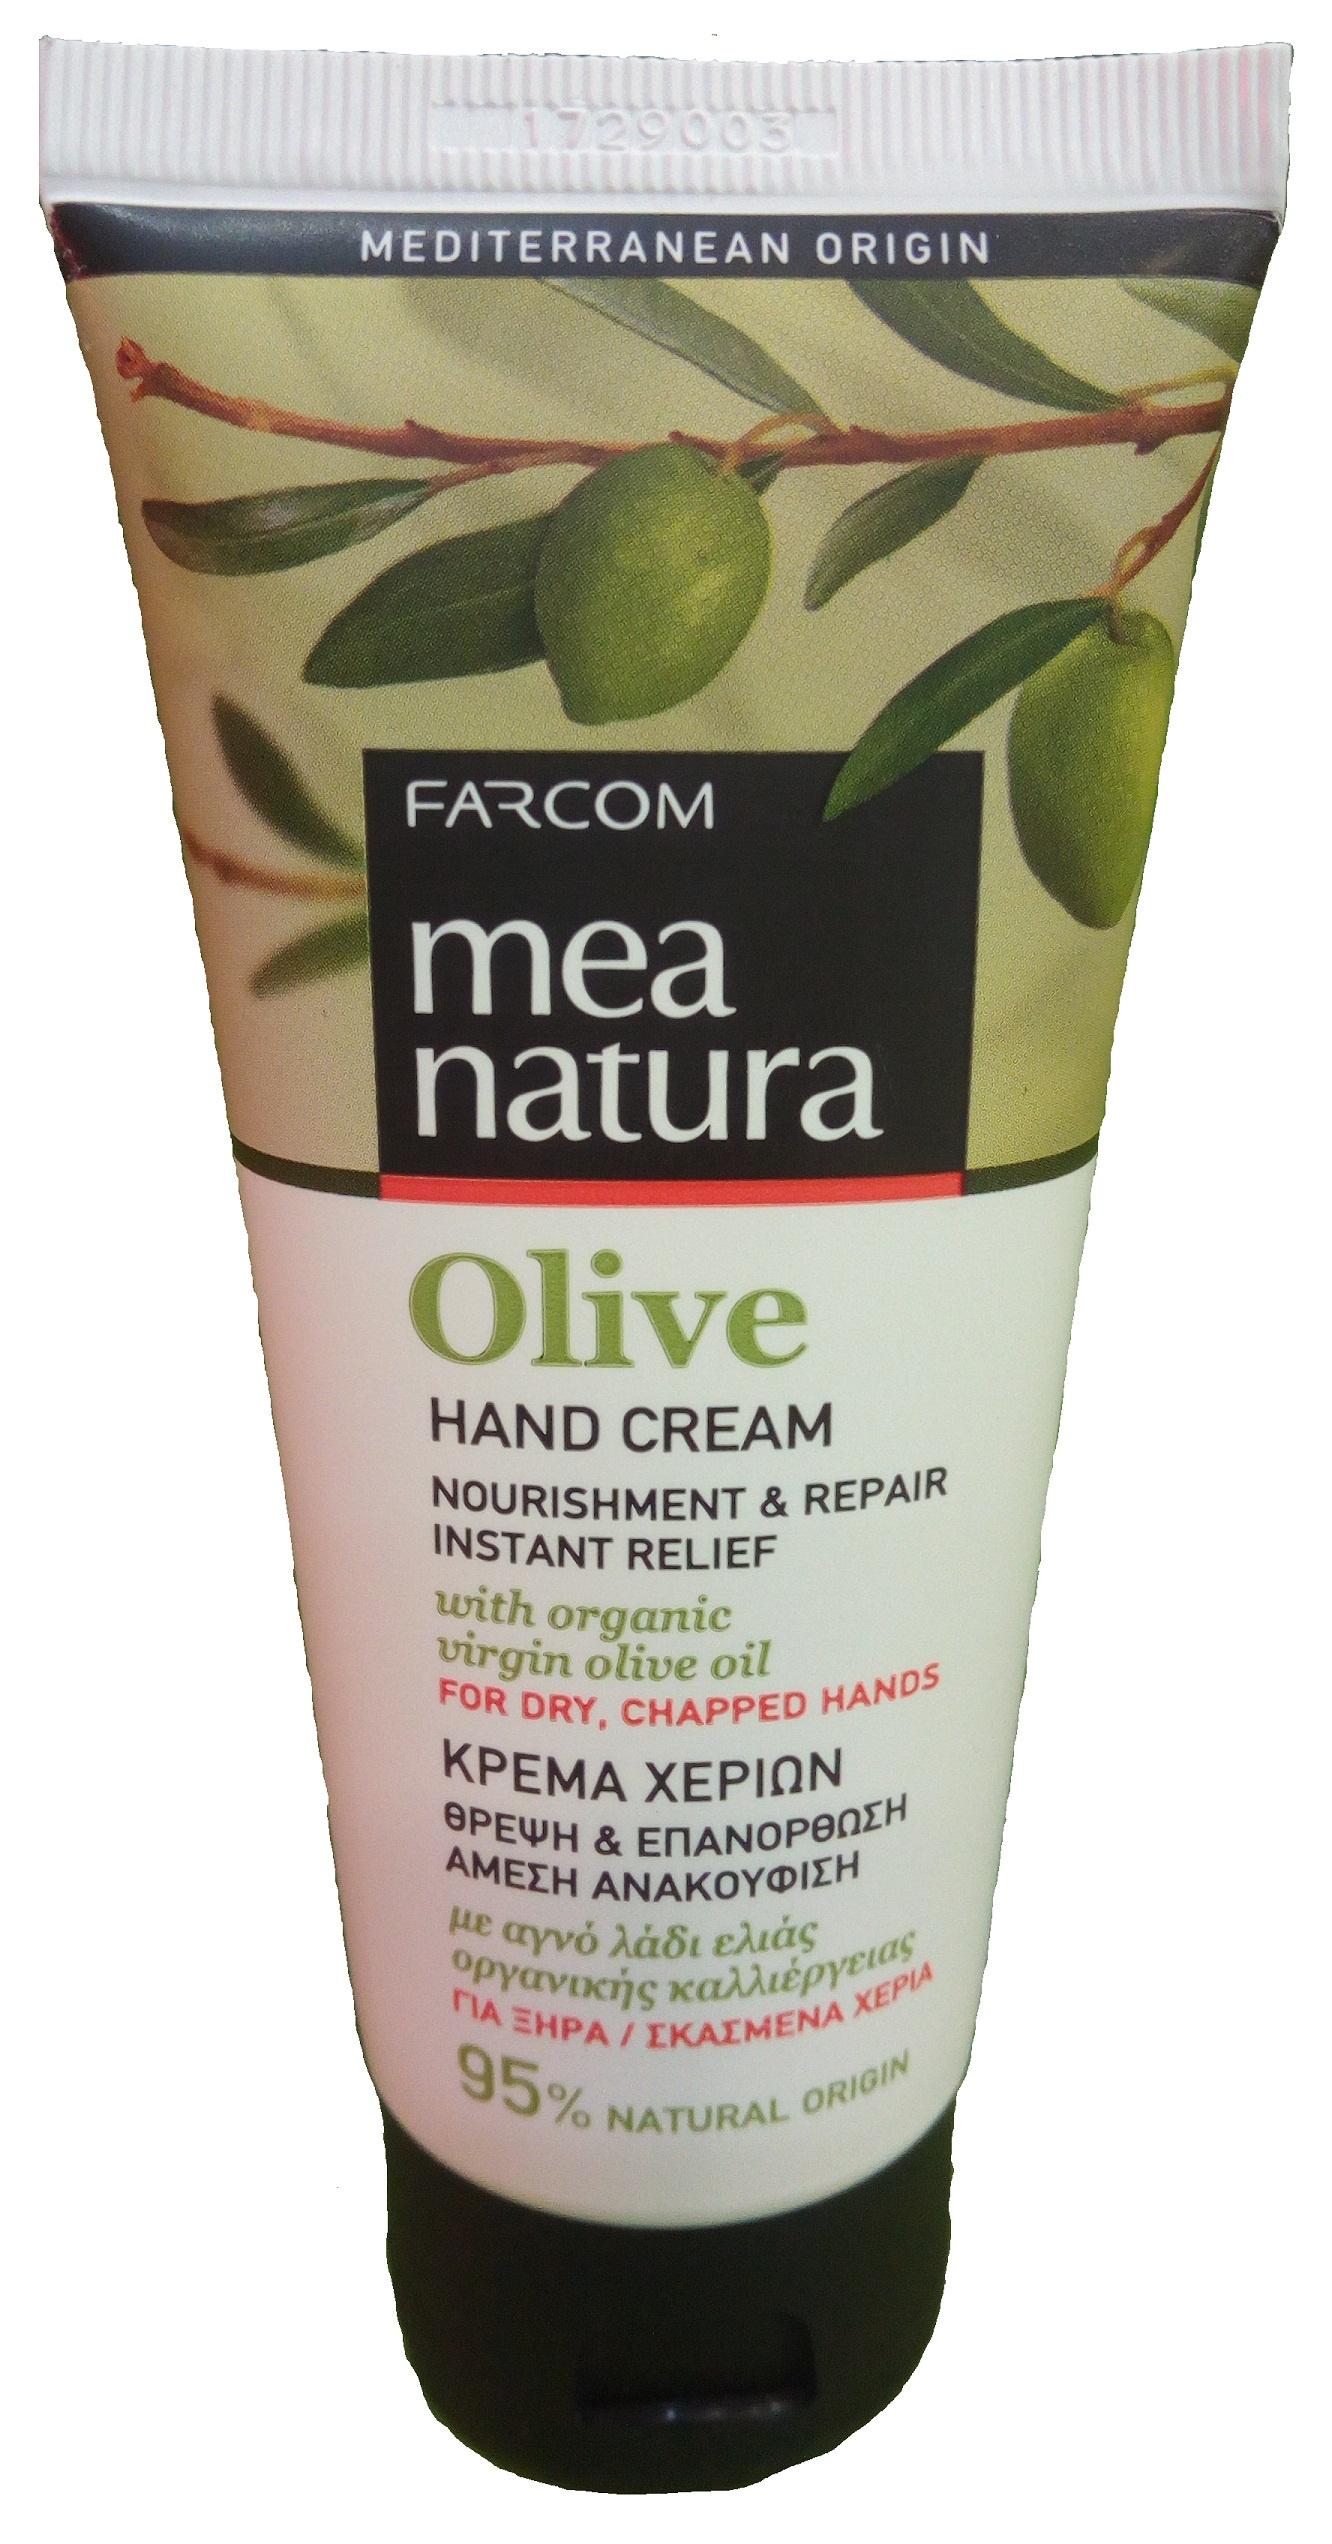 Оливковый крем для сухих, потрескавших рук Nourishment & Repair5202663191278Питательный, увлажняющий крем для рук, обогащенный органически культивированным оливковым маслом , витамином Е, пчелиным воском и масло зверобоя, натуральным антиоксидантным сочетанием ингредиентов. Предлагает повышенную защиту и мгновенное облегчение, помогает успокаивать и восстанавливать потрескавшуюся кожу, улучшает ее текстуру и внешний вид, делая ее мягкой и упругой. Обладает в меру плотной нежирной текстурой, легко наносится и быстро впитывается. Подходит для всех типов кожи. Идеально для сухой / чувствительной кожи. Метод применения: Нанесите на чистую кожу крем для рук и аккуратно помассируйте. Повторно применять по мере необходимости в течение дня. 95% ингредиентов природного происхождения